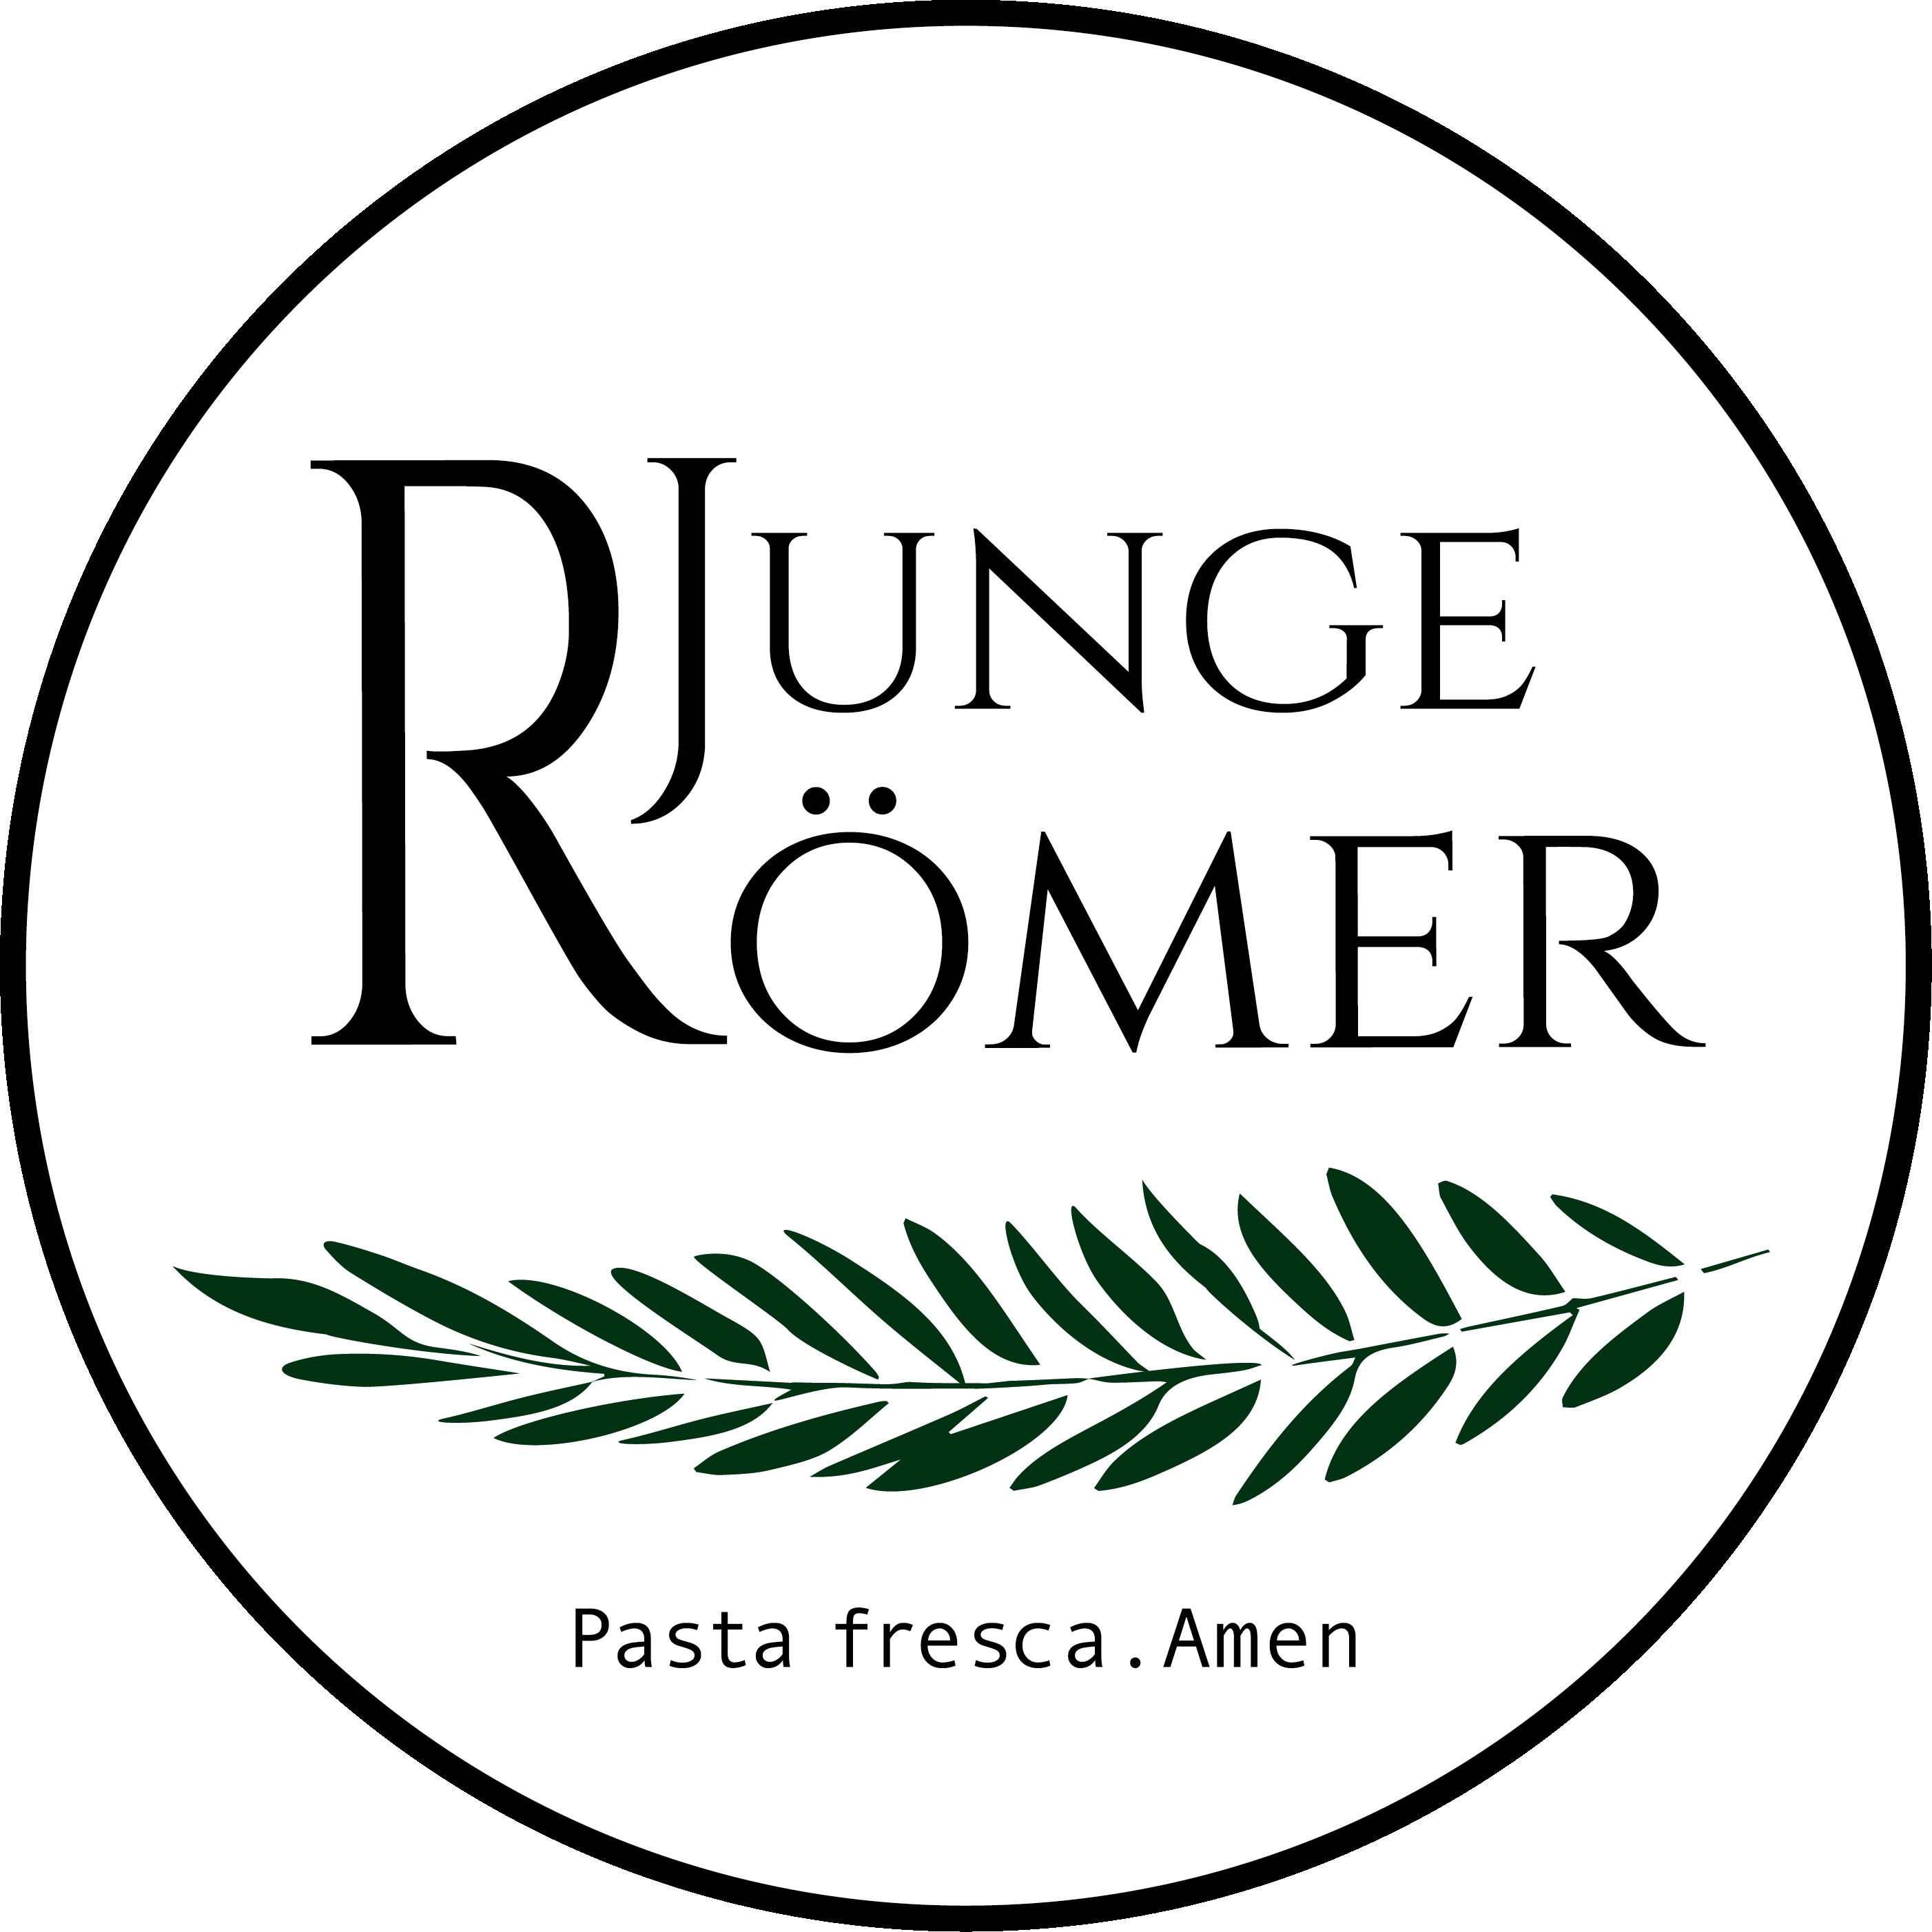 Junge Römer